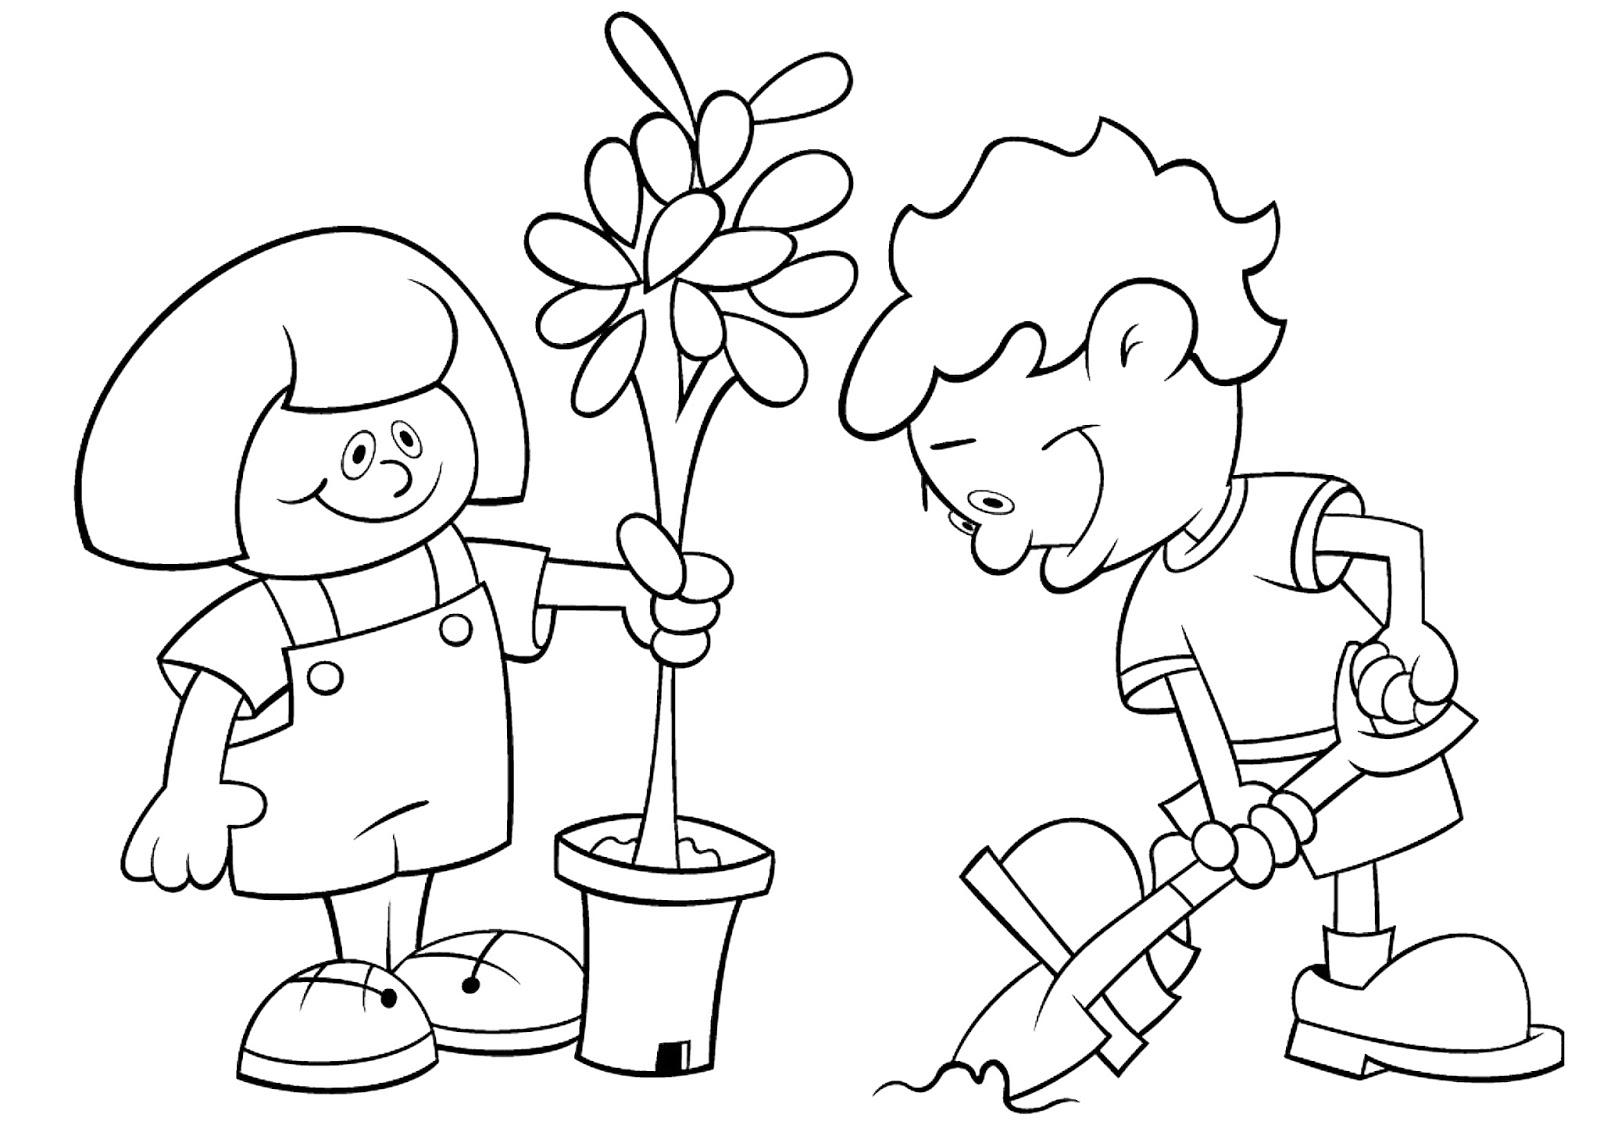 Atividades imagens e desenhos sobre meio ambiente  - imagens para colorir sobre meio ambiente